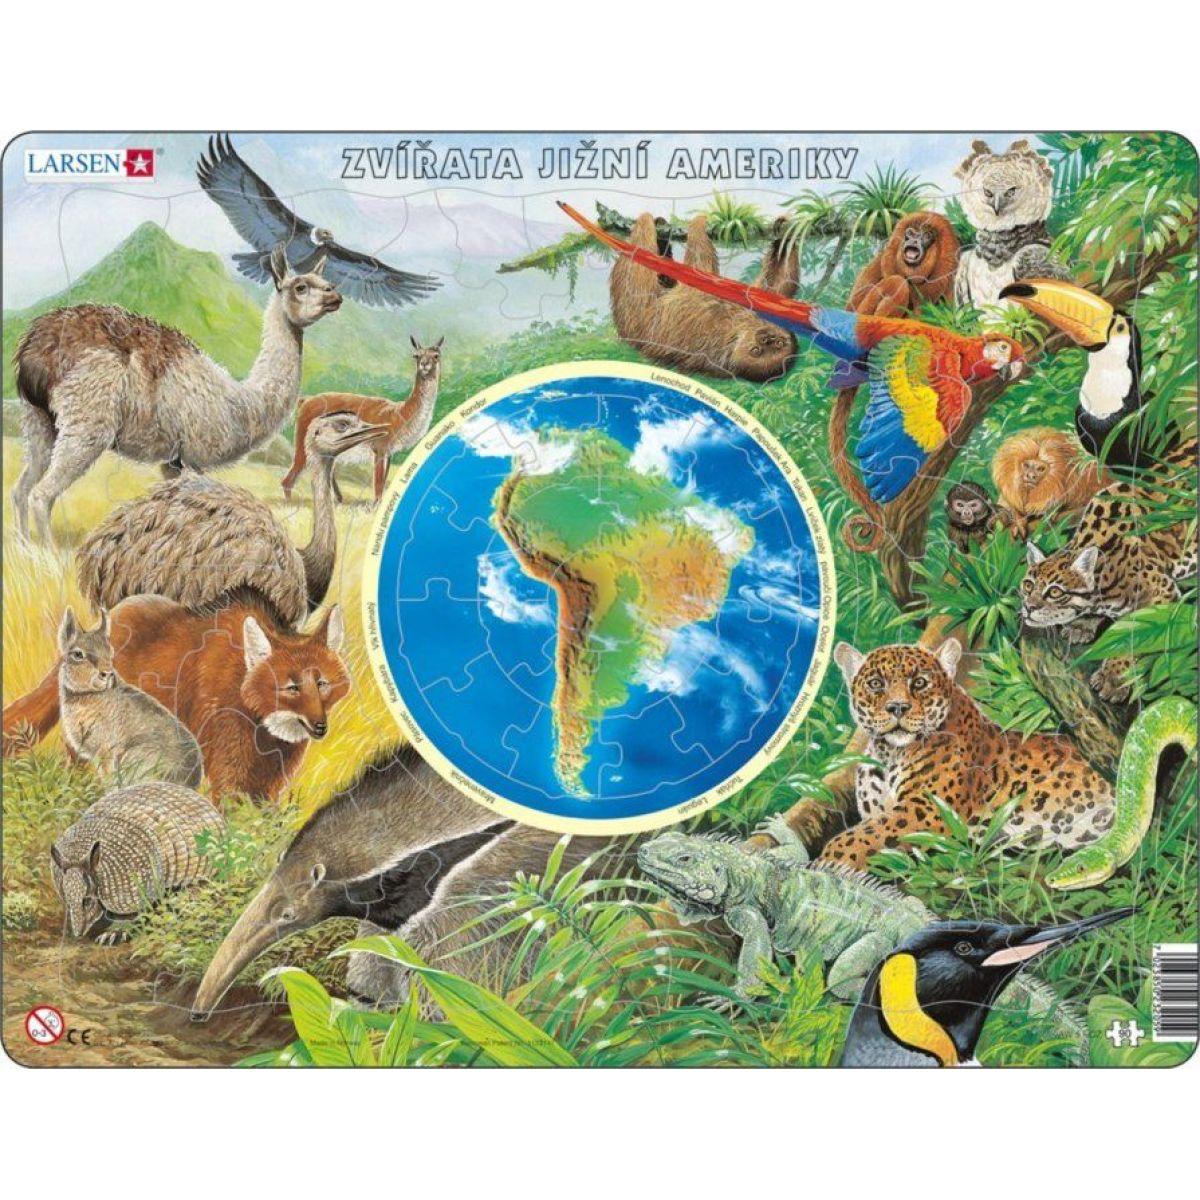 Larsen Puzzle Zvieratá Južnej Ameriky